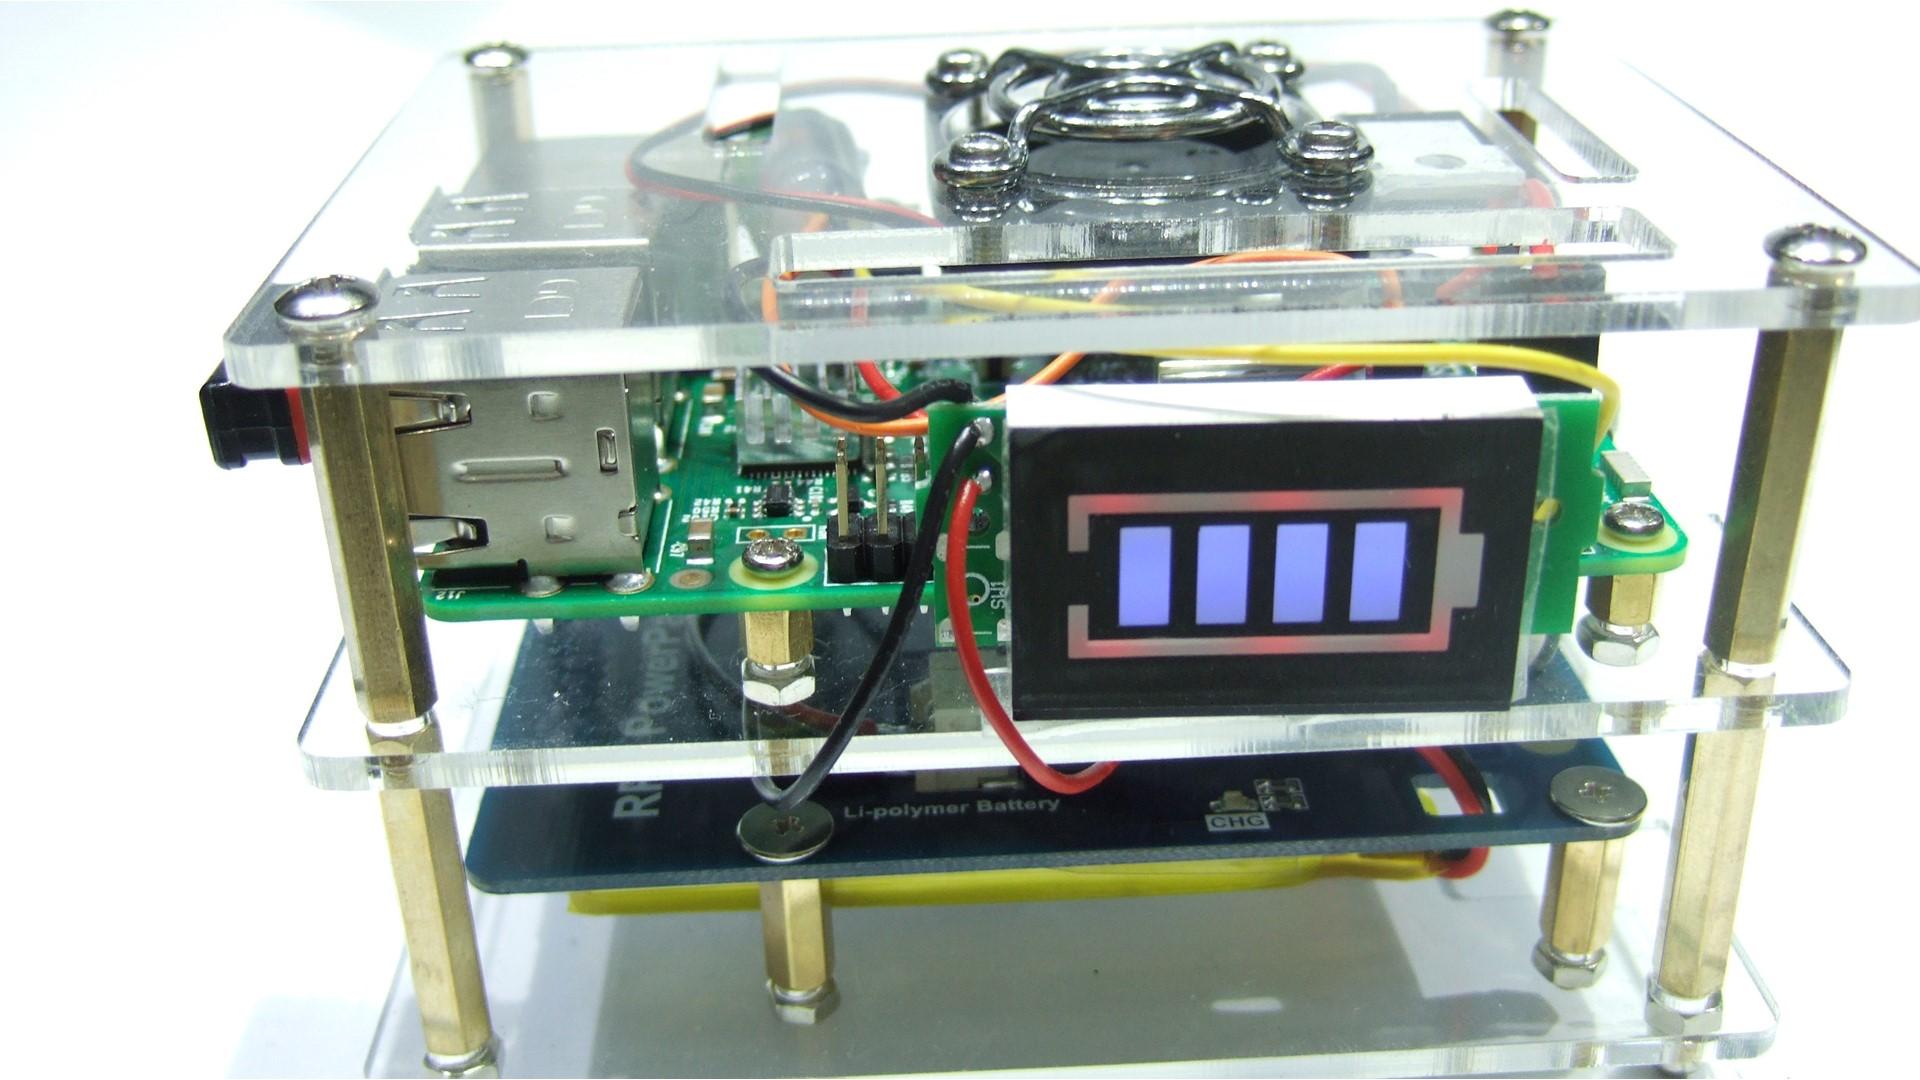 Raspberry Pi – SensorsIOT